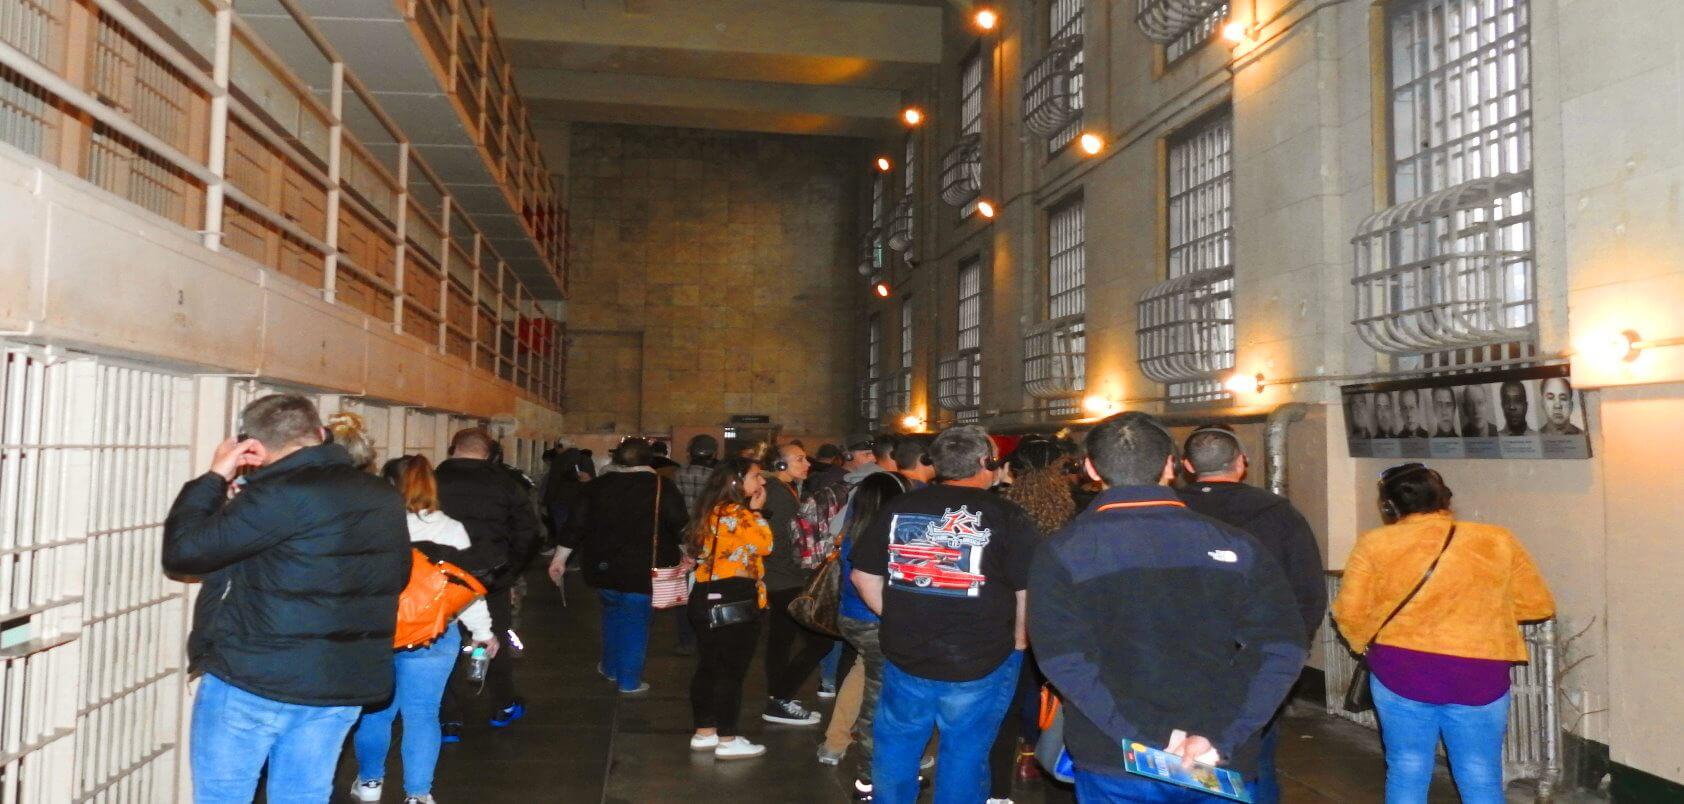 Visita-nocturna-de-la-prision-de-Alcatraz-y-carcel-de-noche